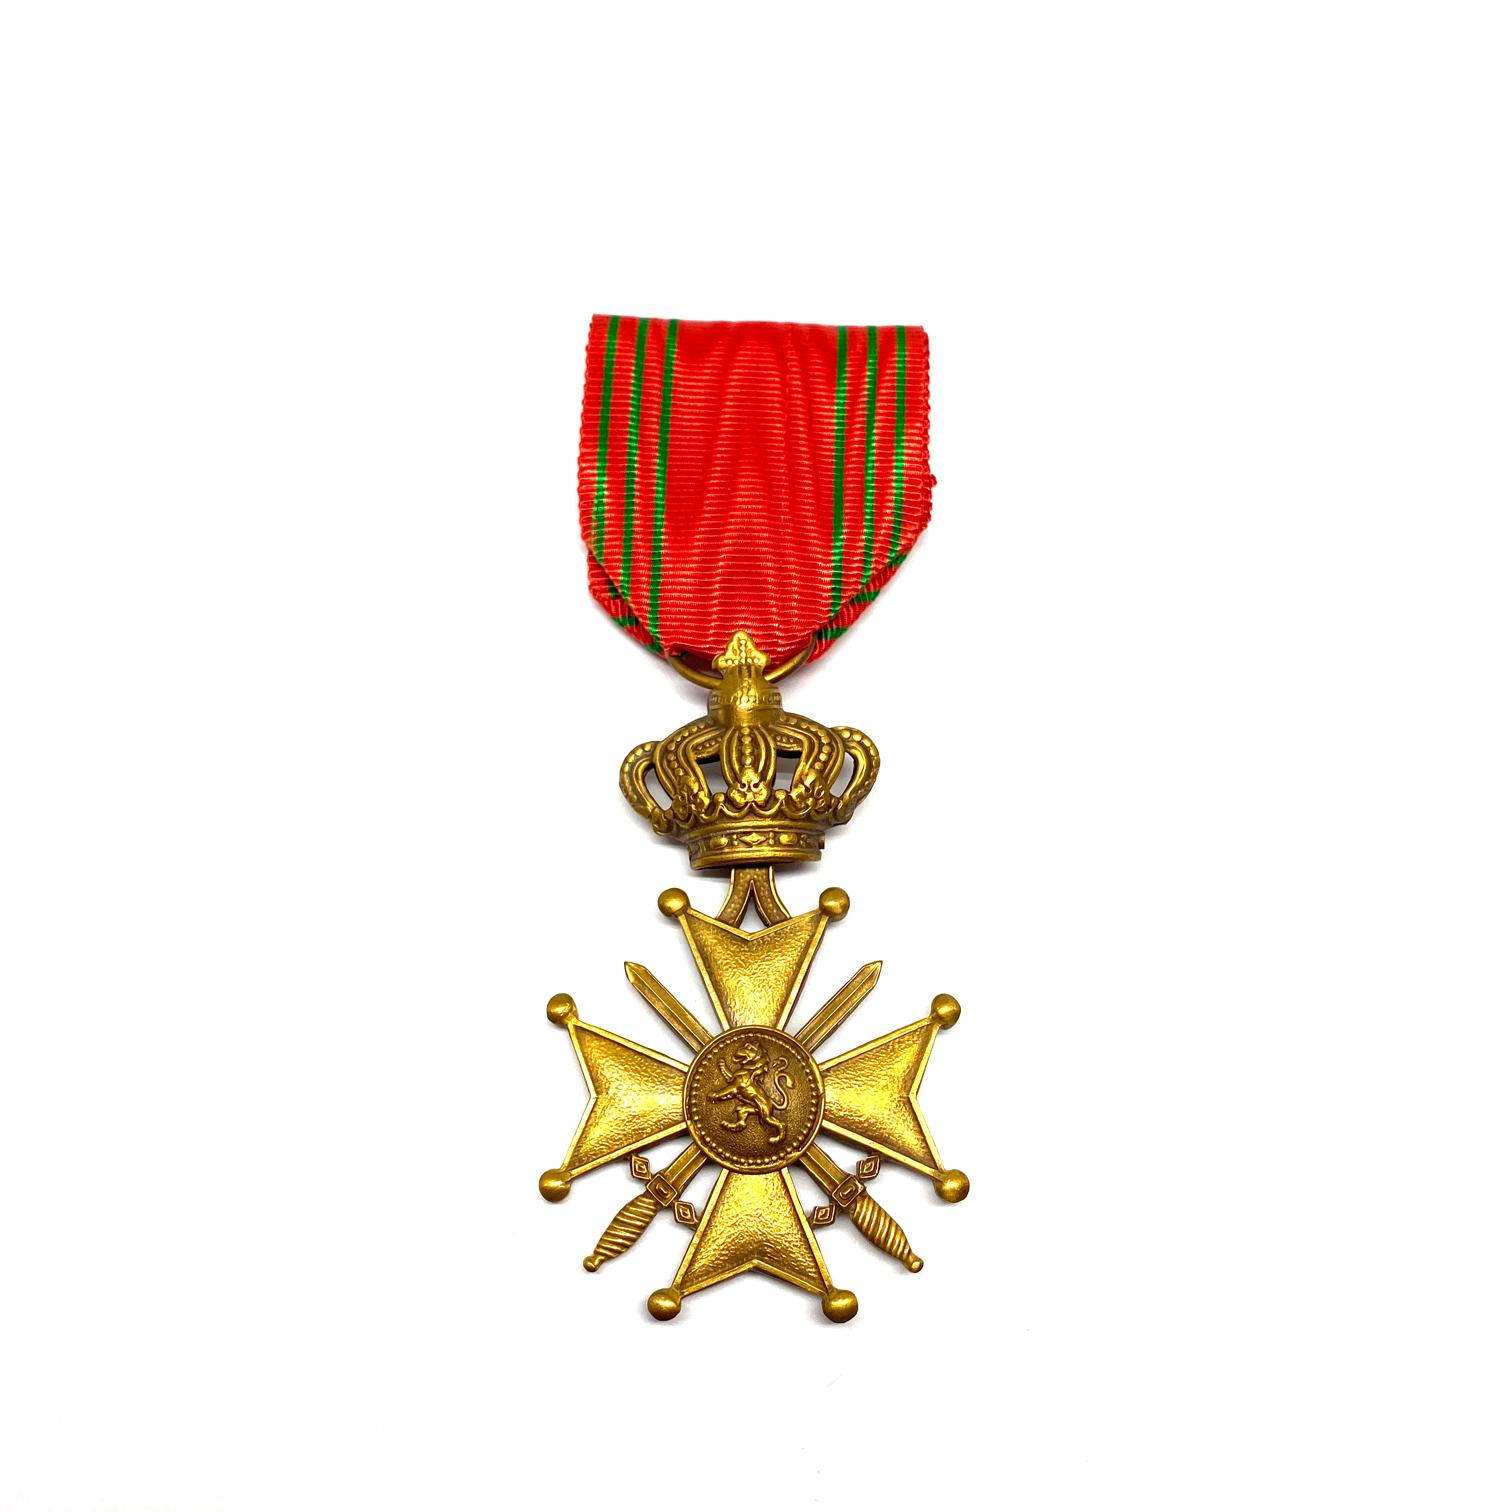 Ereteken Oorlogskruis 1940-1945